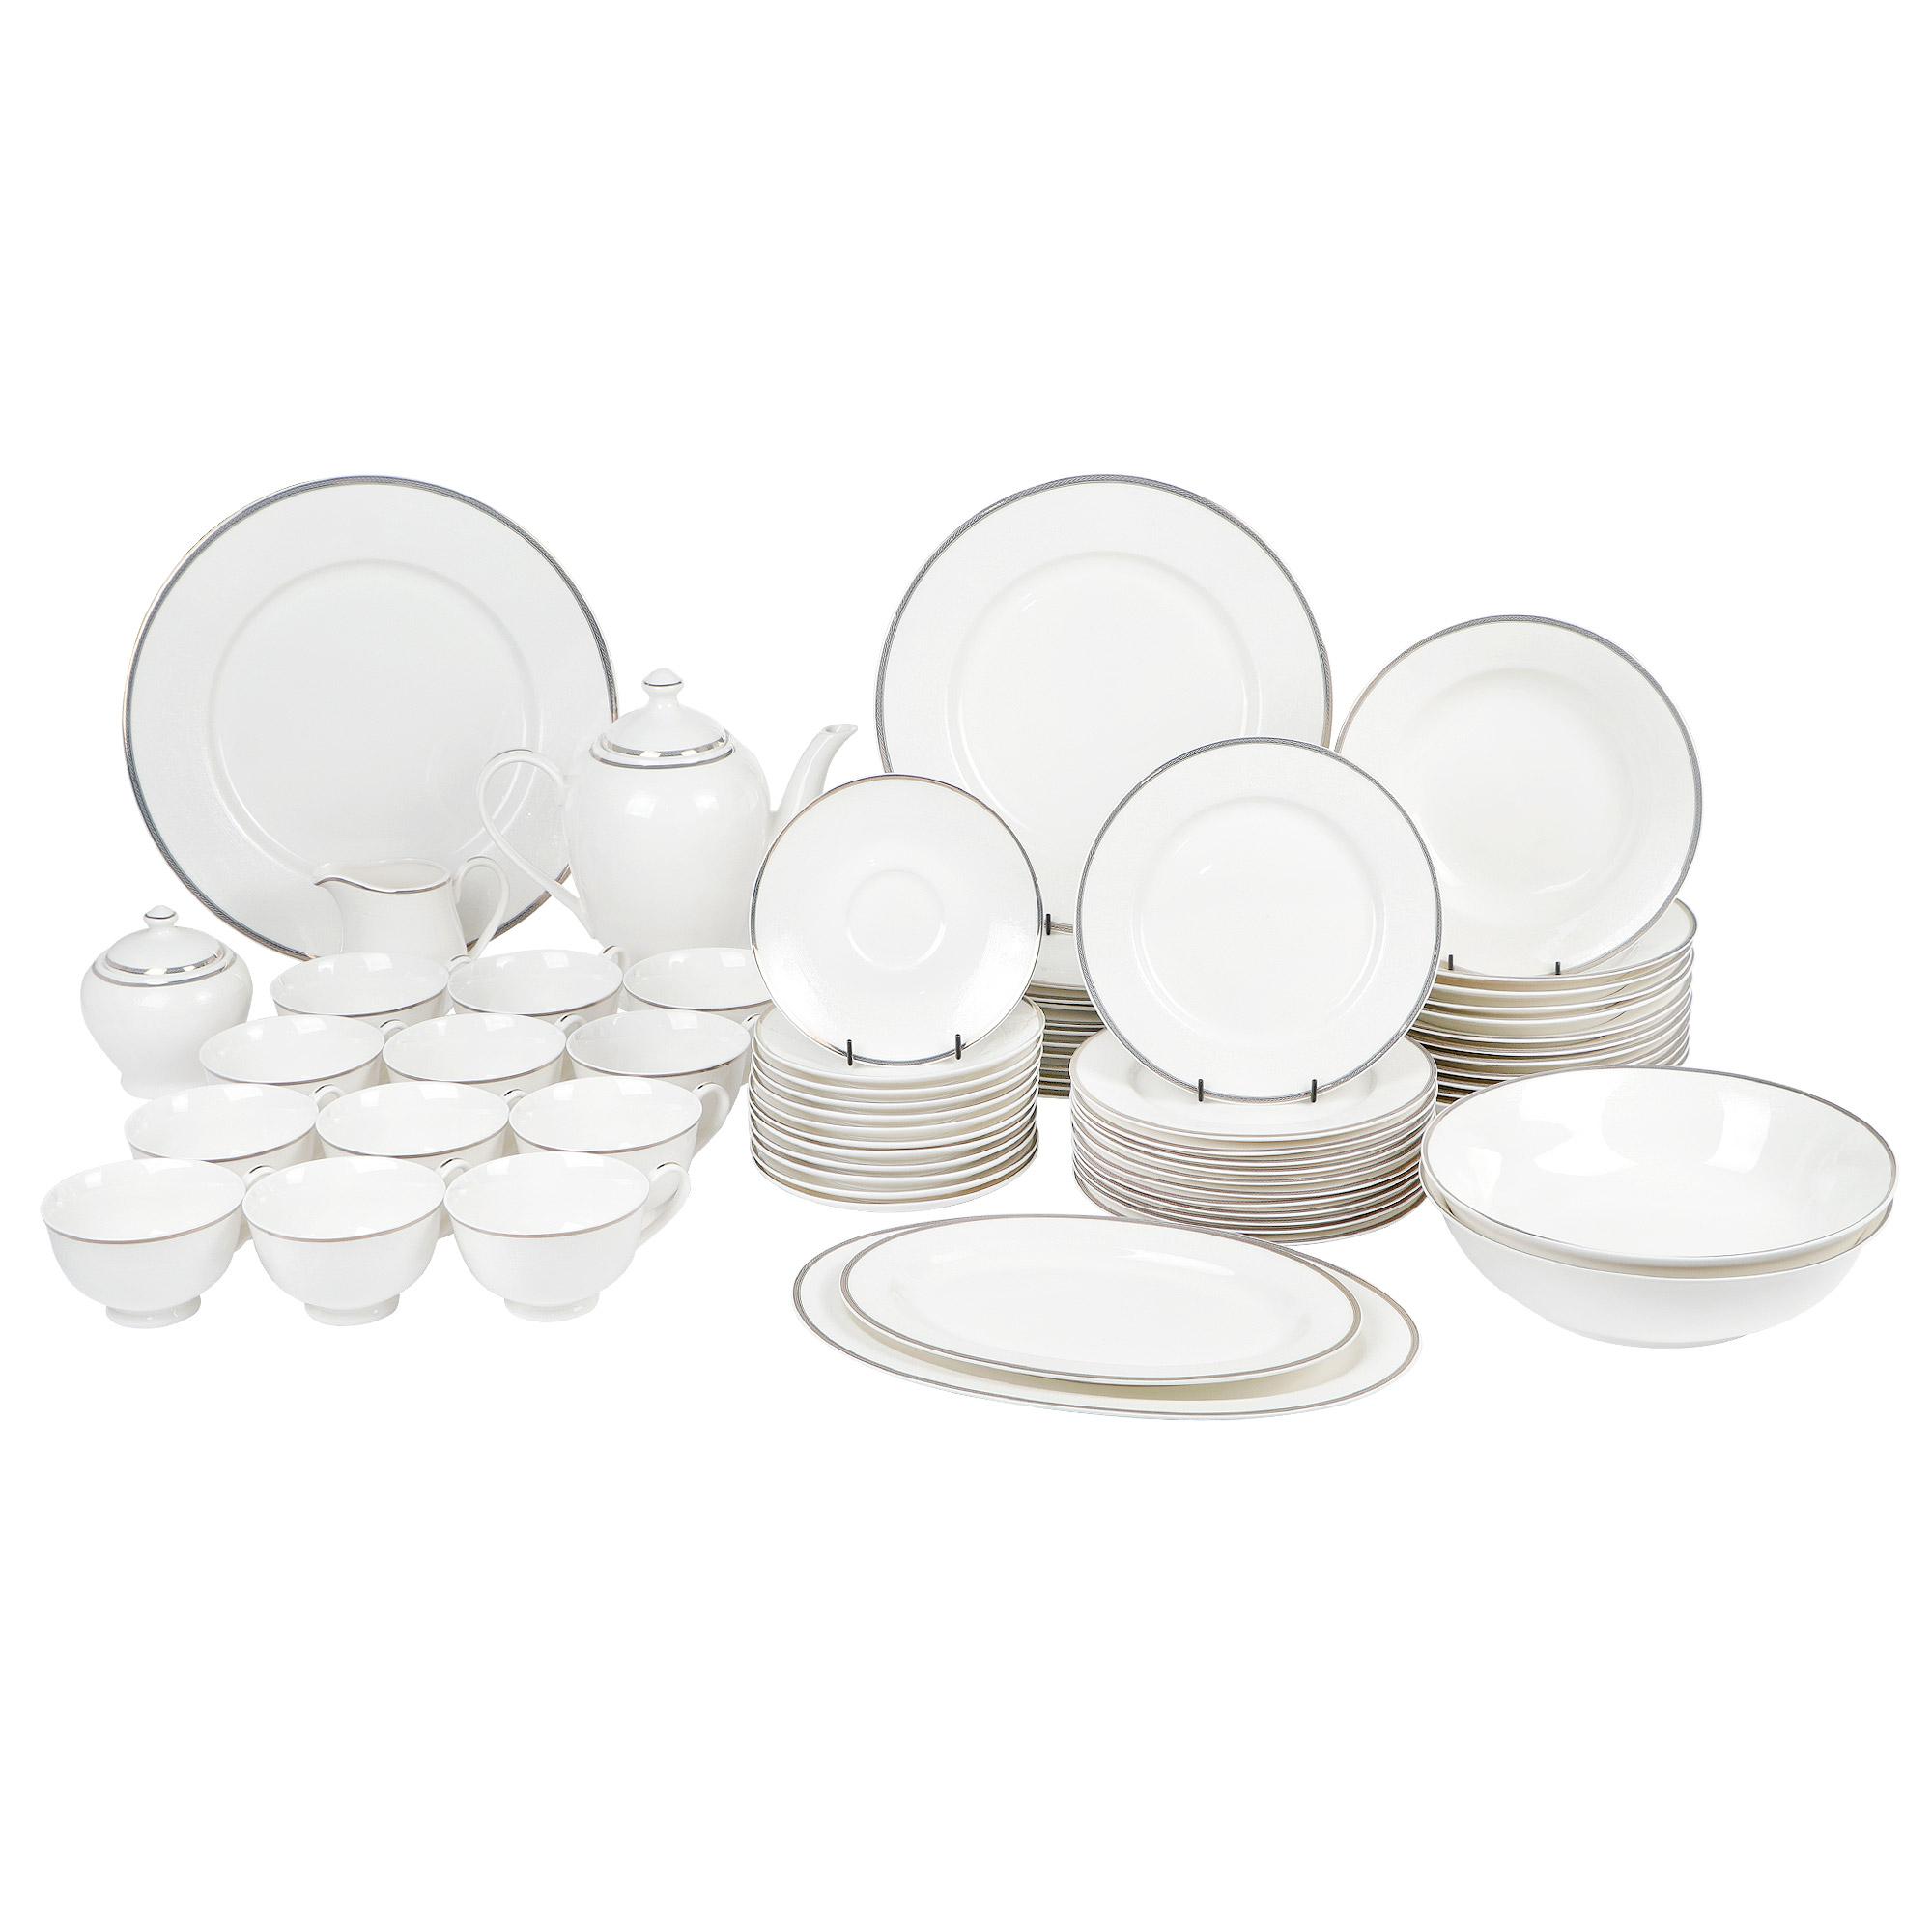 Сервиз чайно-столовый Macbeth bone porcelain Elizabeth на 12 персон